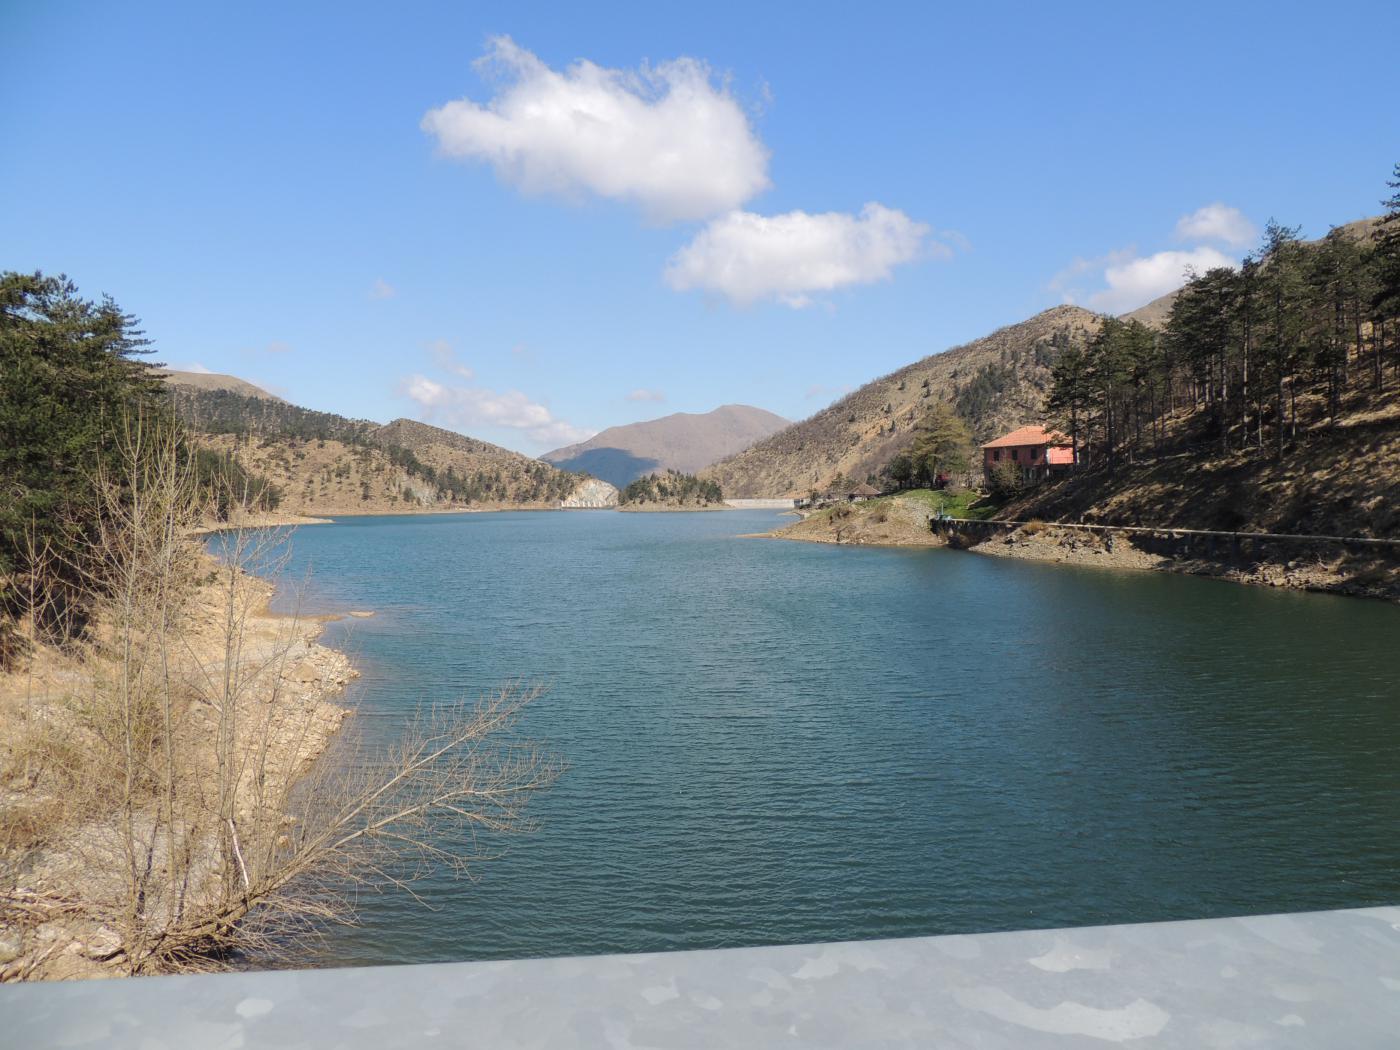 lago Bruno